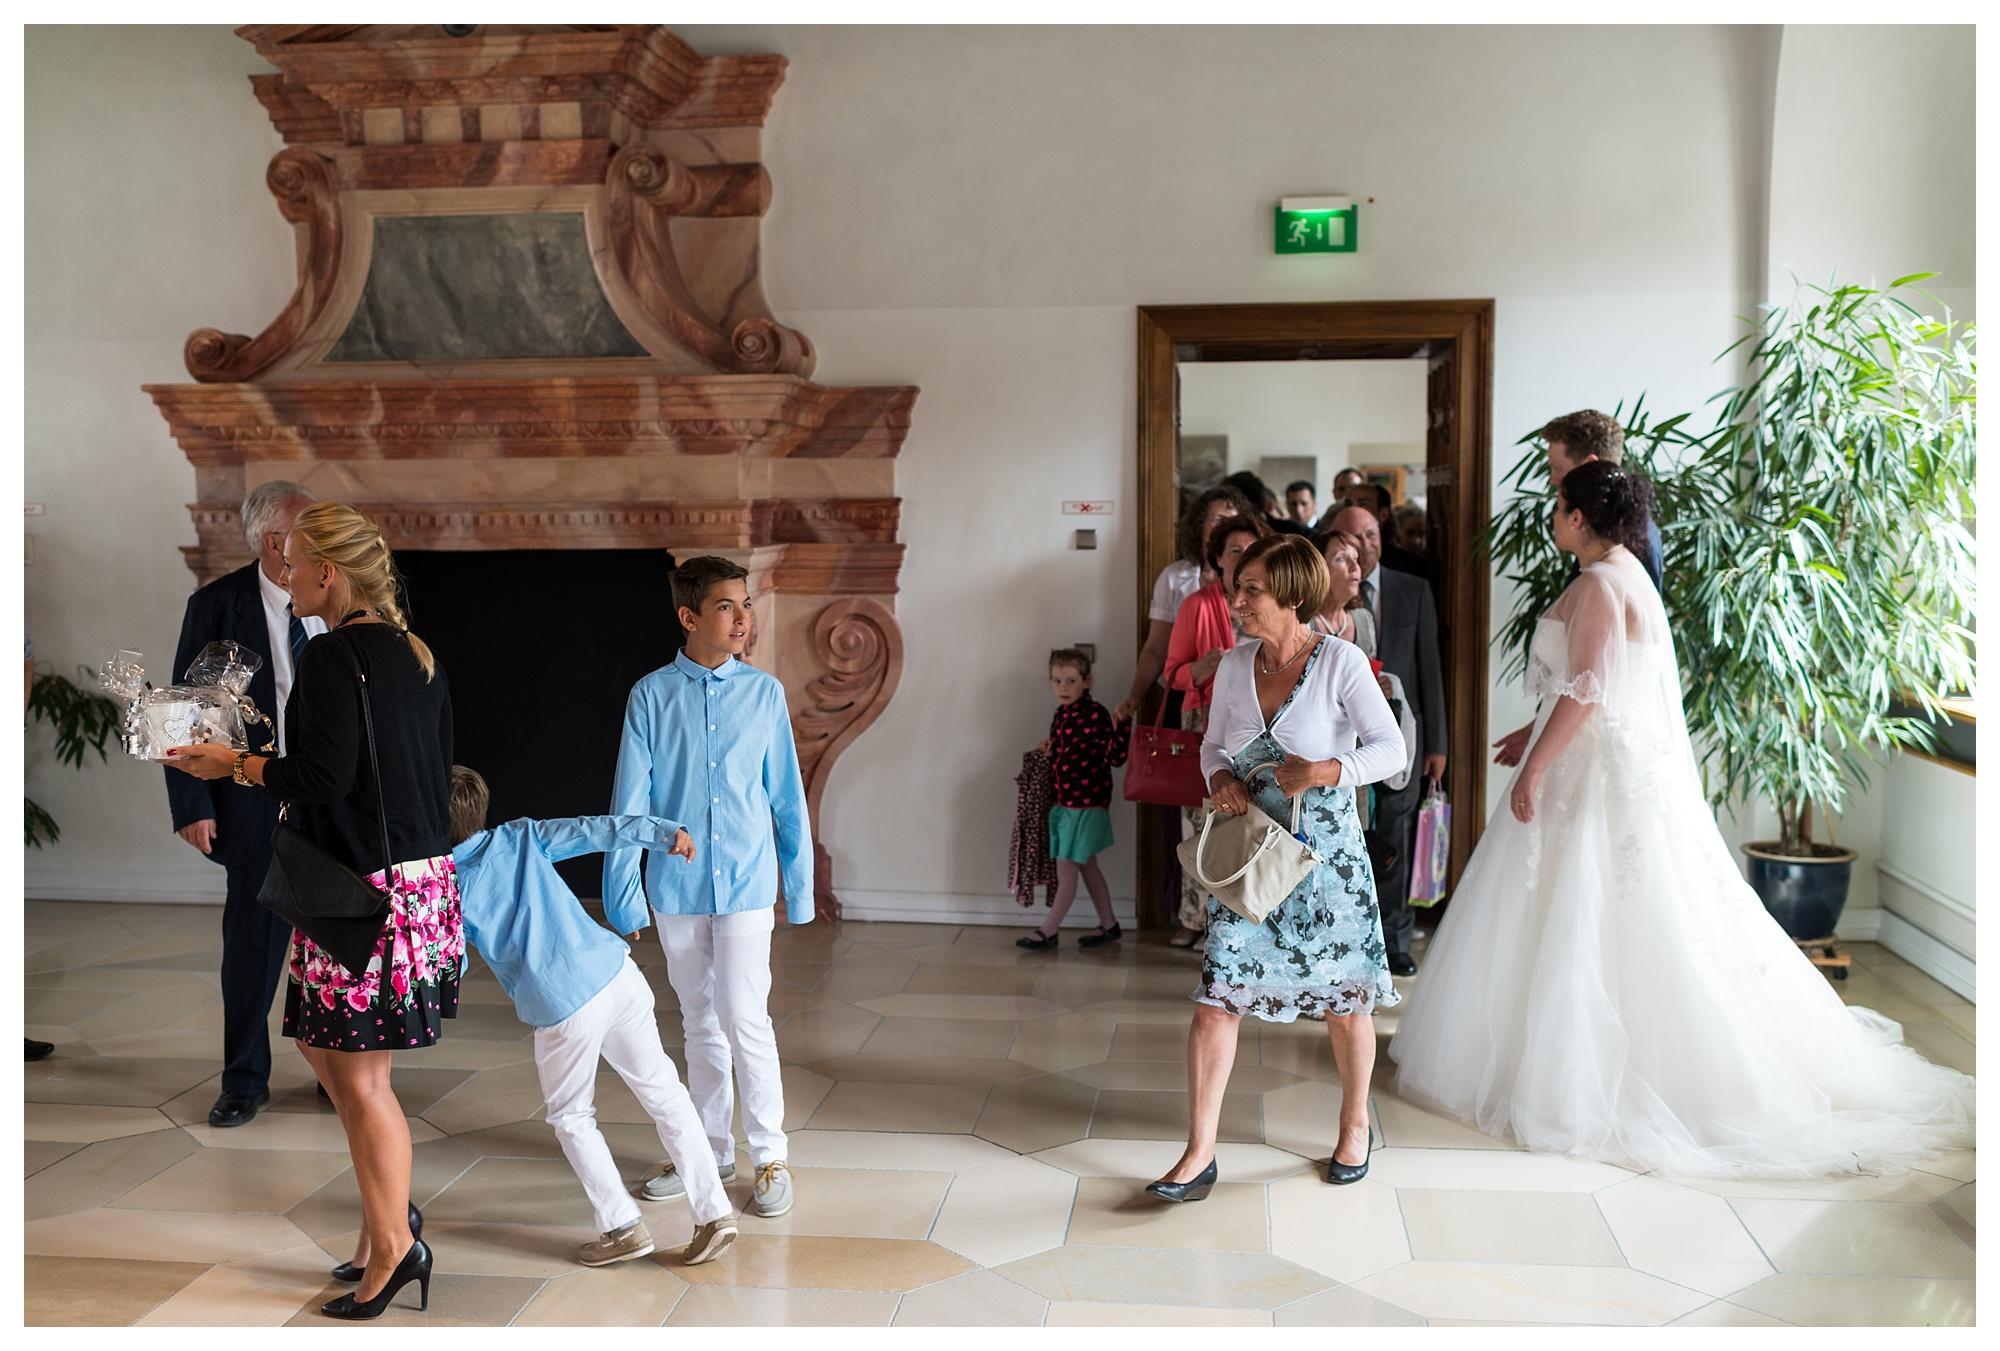 Fotograf Konstanz - Hochzeit Tanja Elmar Elmar Feuerbacher Photography Konstanz Messkirch Highlights 058 - Hochzeitsreportage von Tanja und Elmar im Schloss Meßkirch  - 56 -